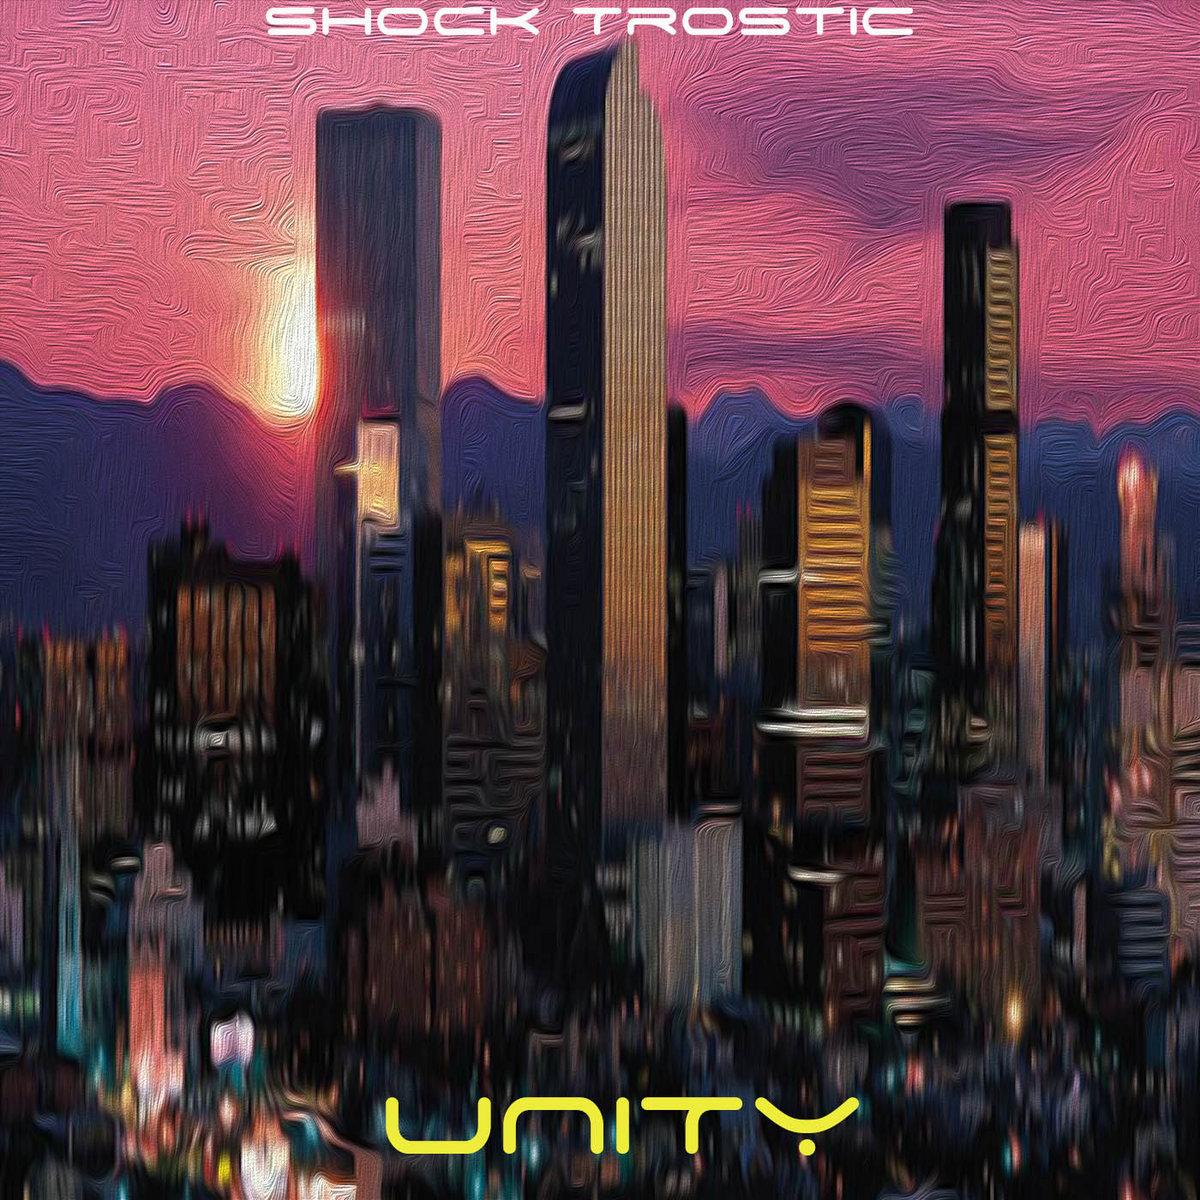 Denver Unity | Shock Trostic